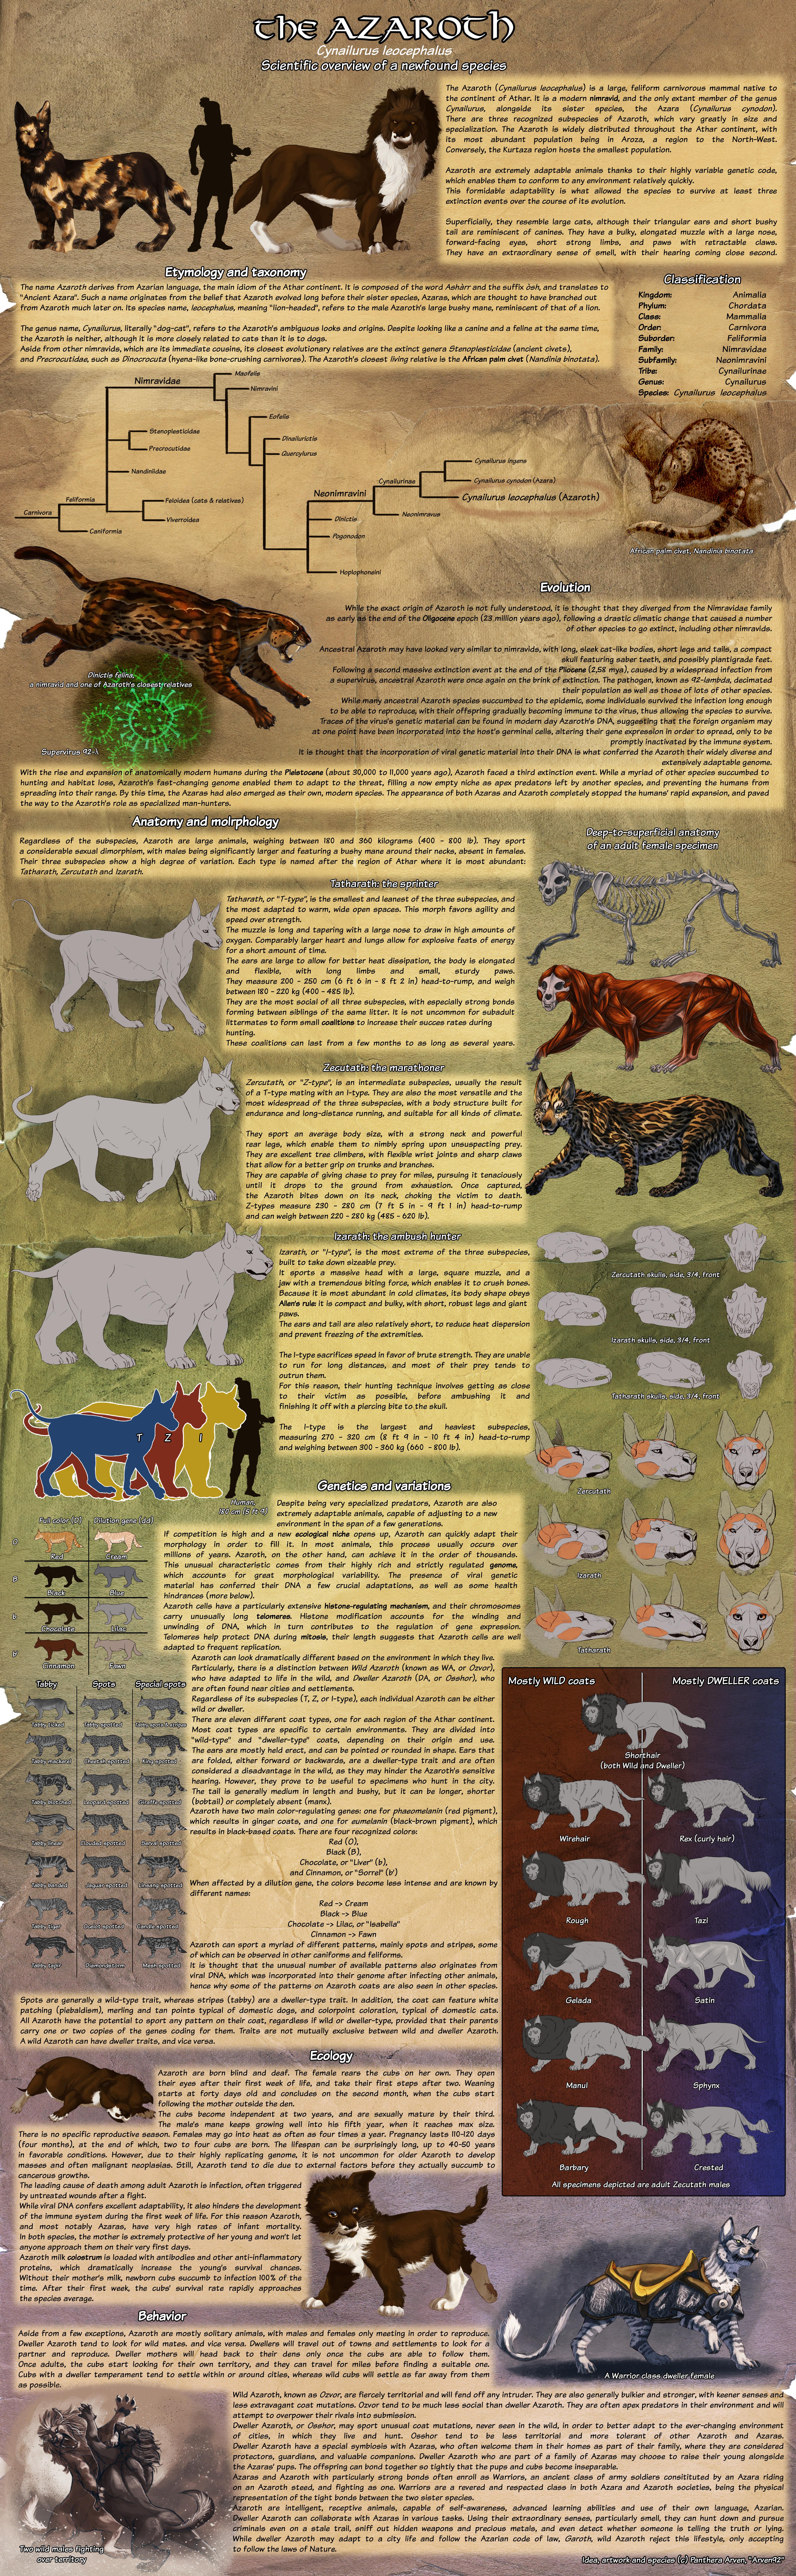 Azaroth Species Sheet by ARVEN92